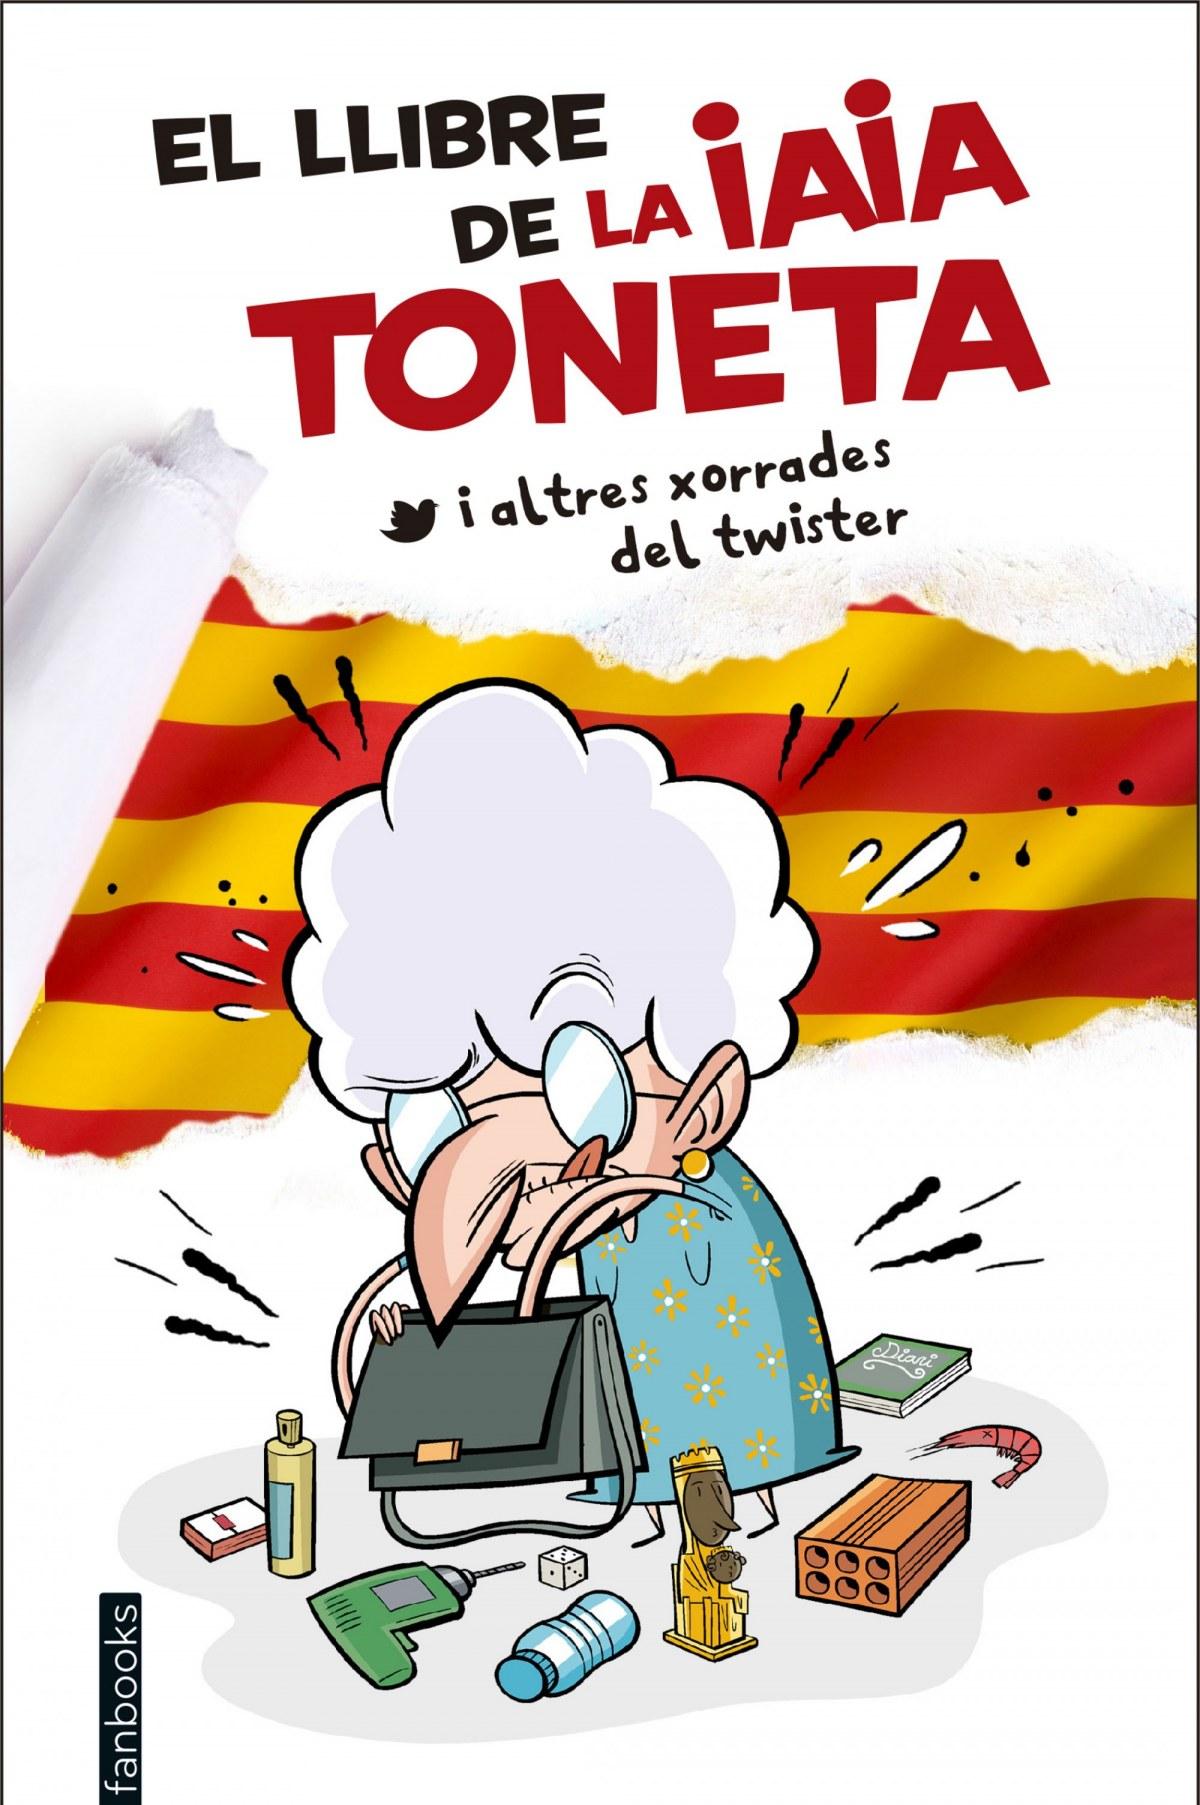 El llibre de la iaia Toneta i altres xorrades del twister 9788416297757